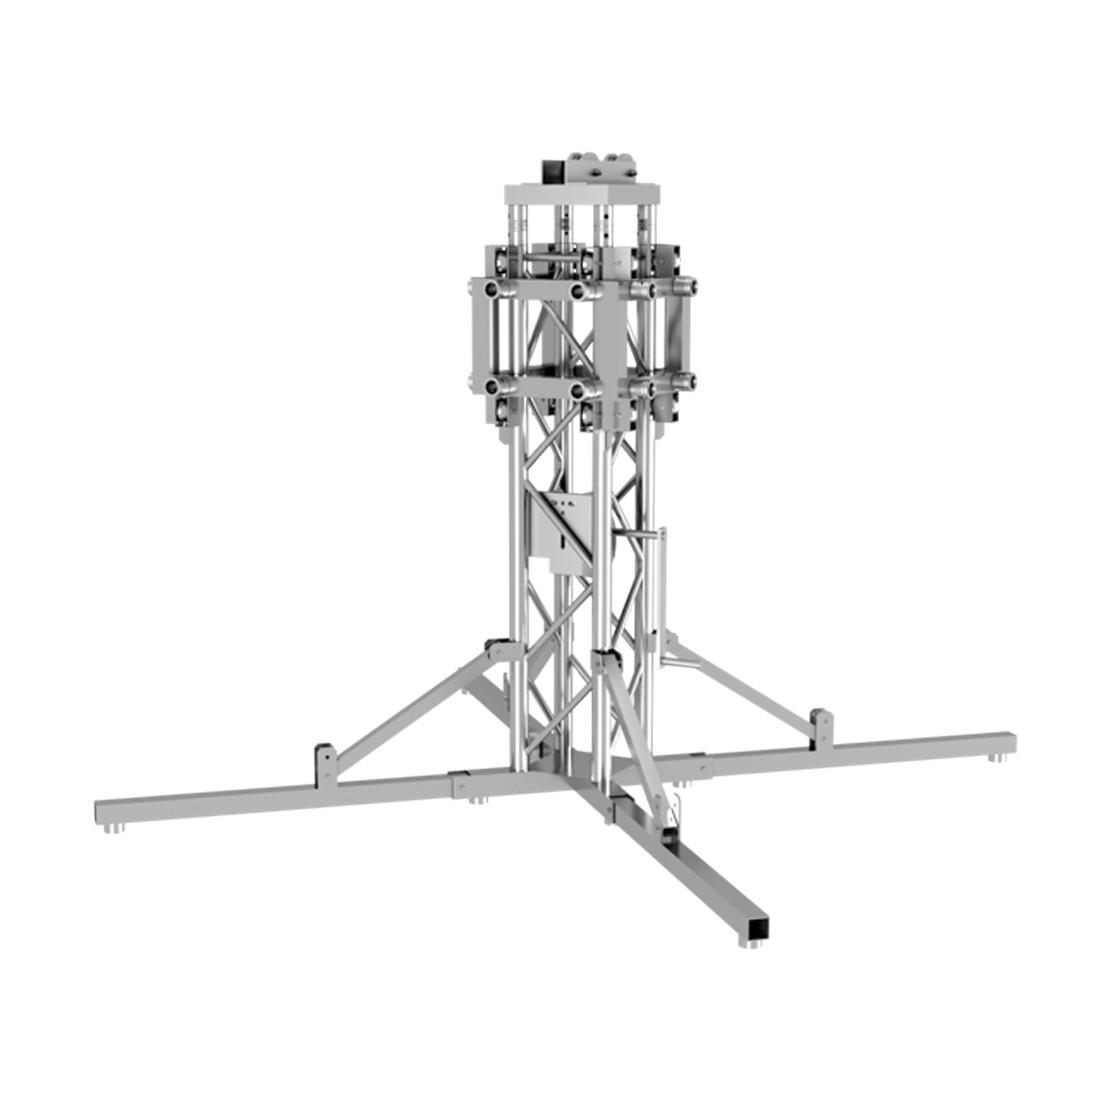 Elément de tower complet Duratruss DT34 FLEX TOWER avec embase chariot et système de treuil